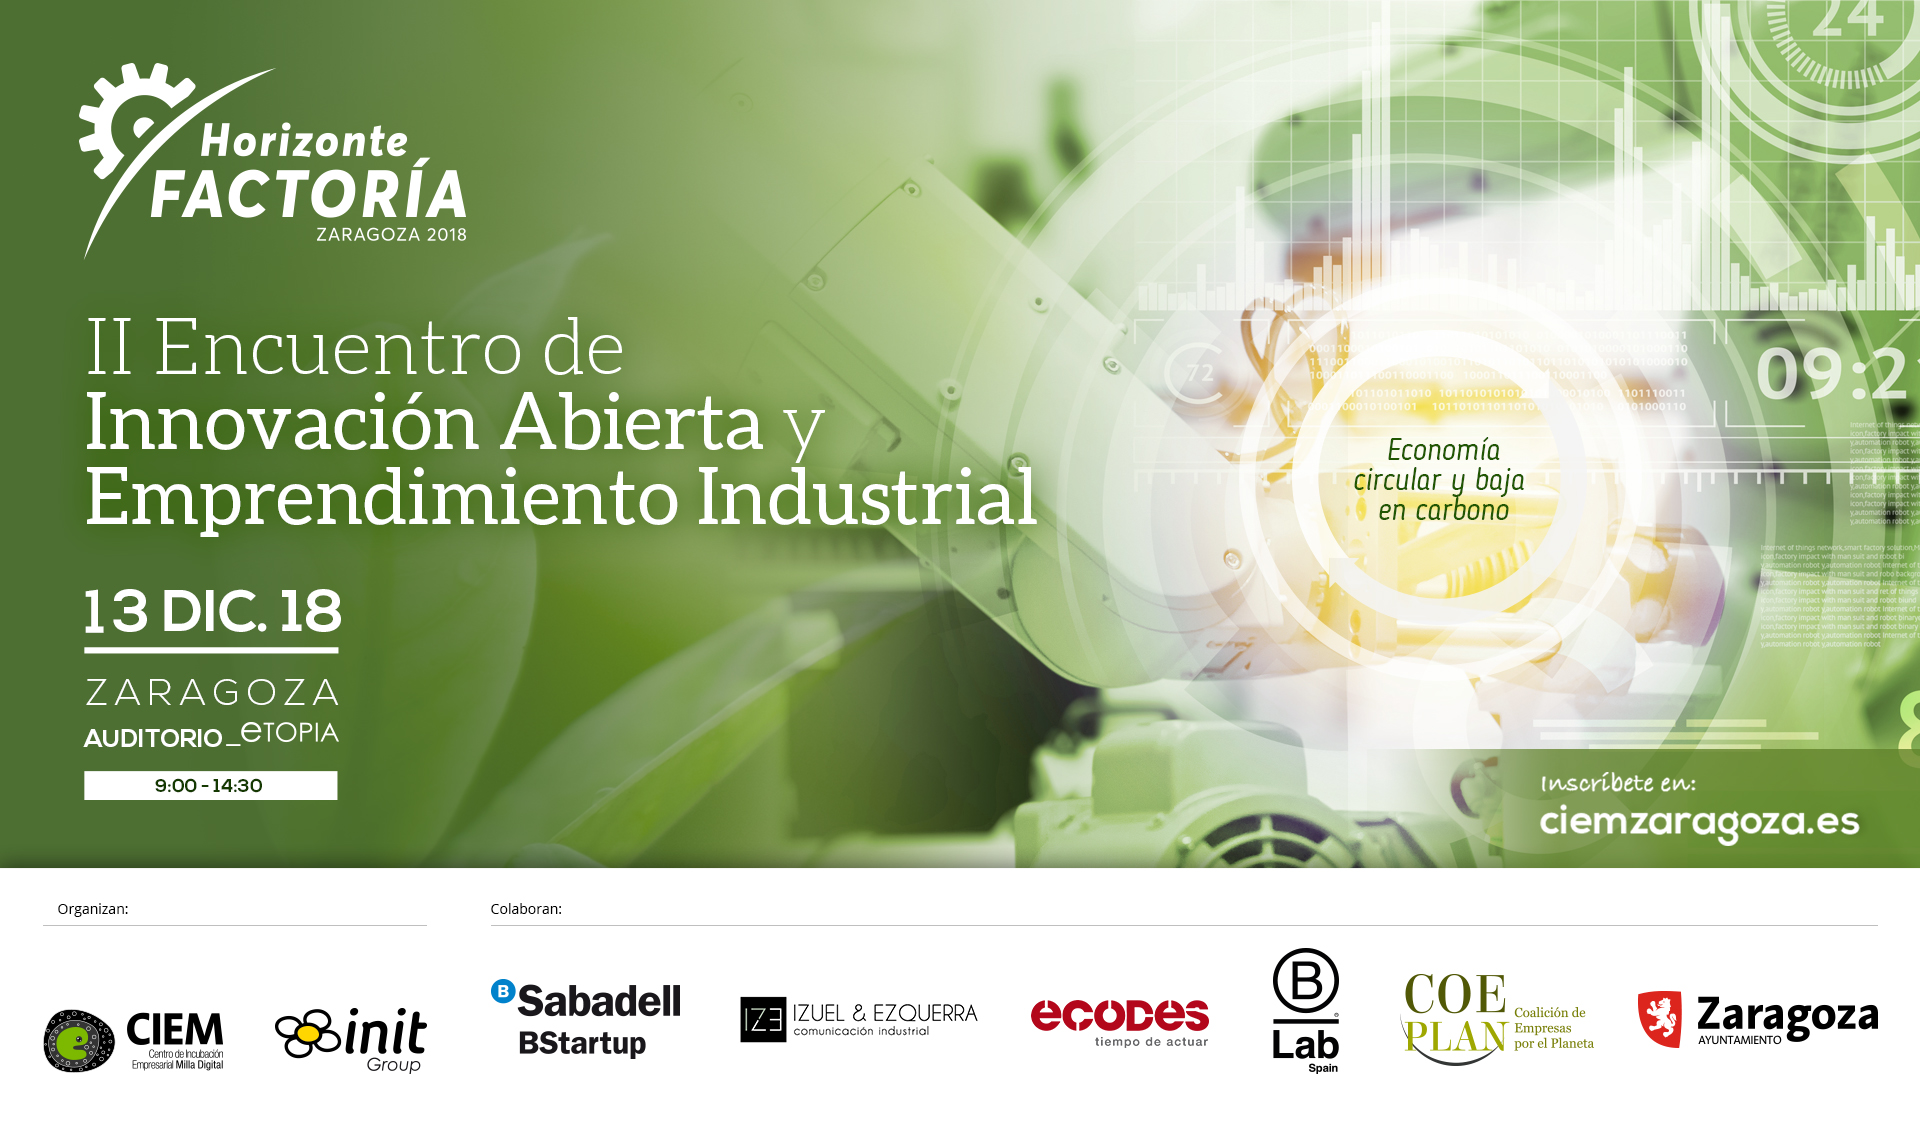 Horizonte Factoría, II Encuentro De Innovación Abierta Y Emprendimiento Industrial